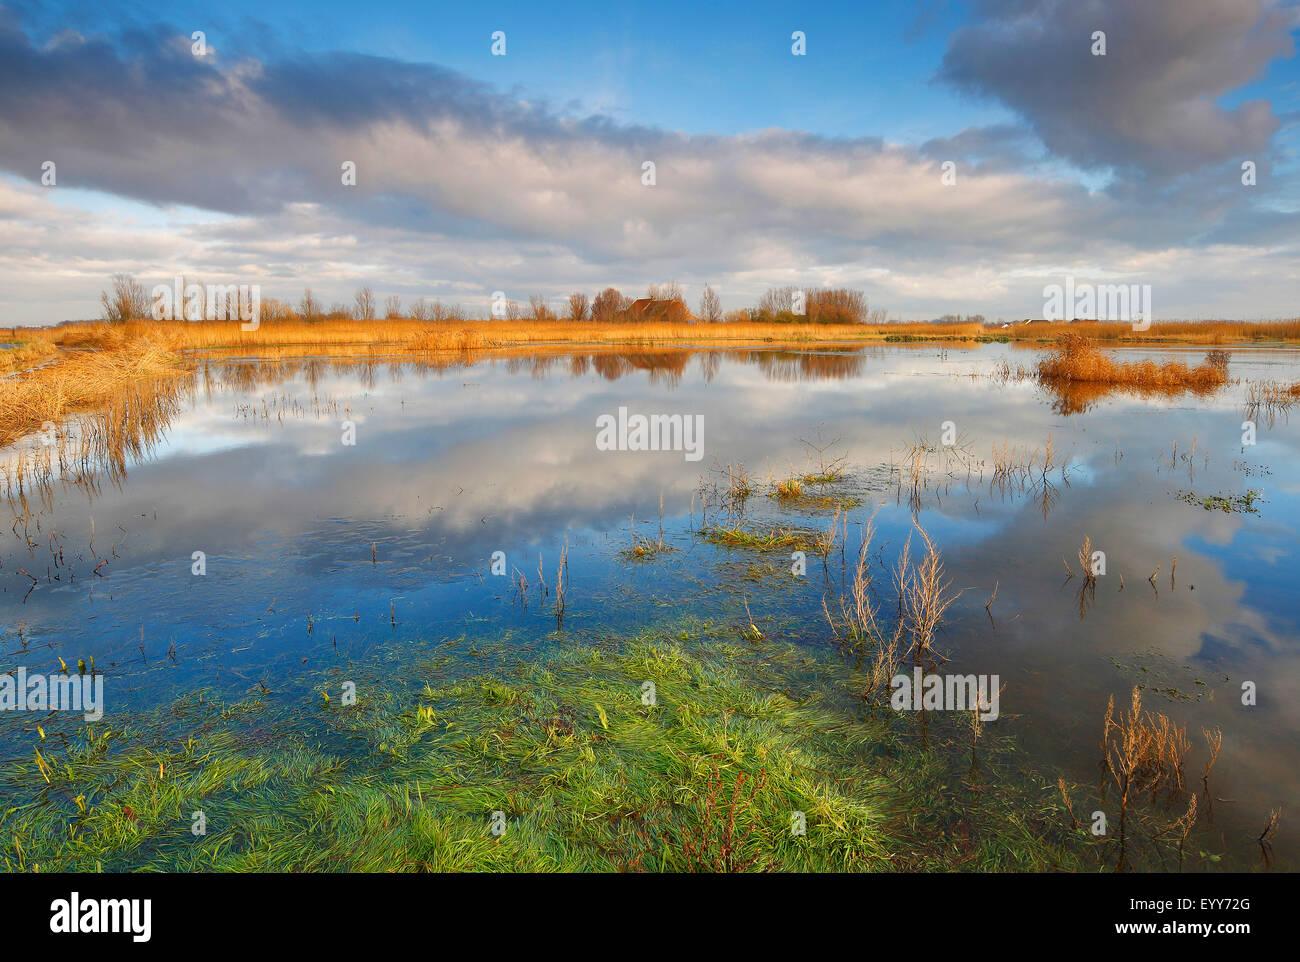 wetlands in Uitkerkse polder, Belgium - Stock Image